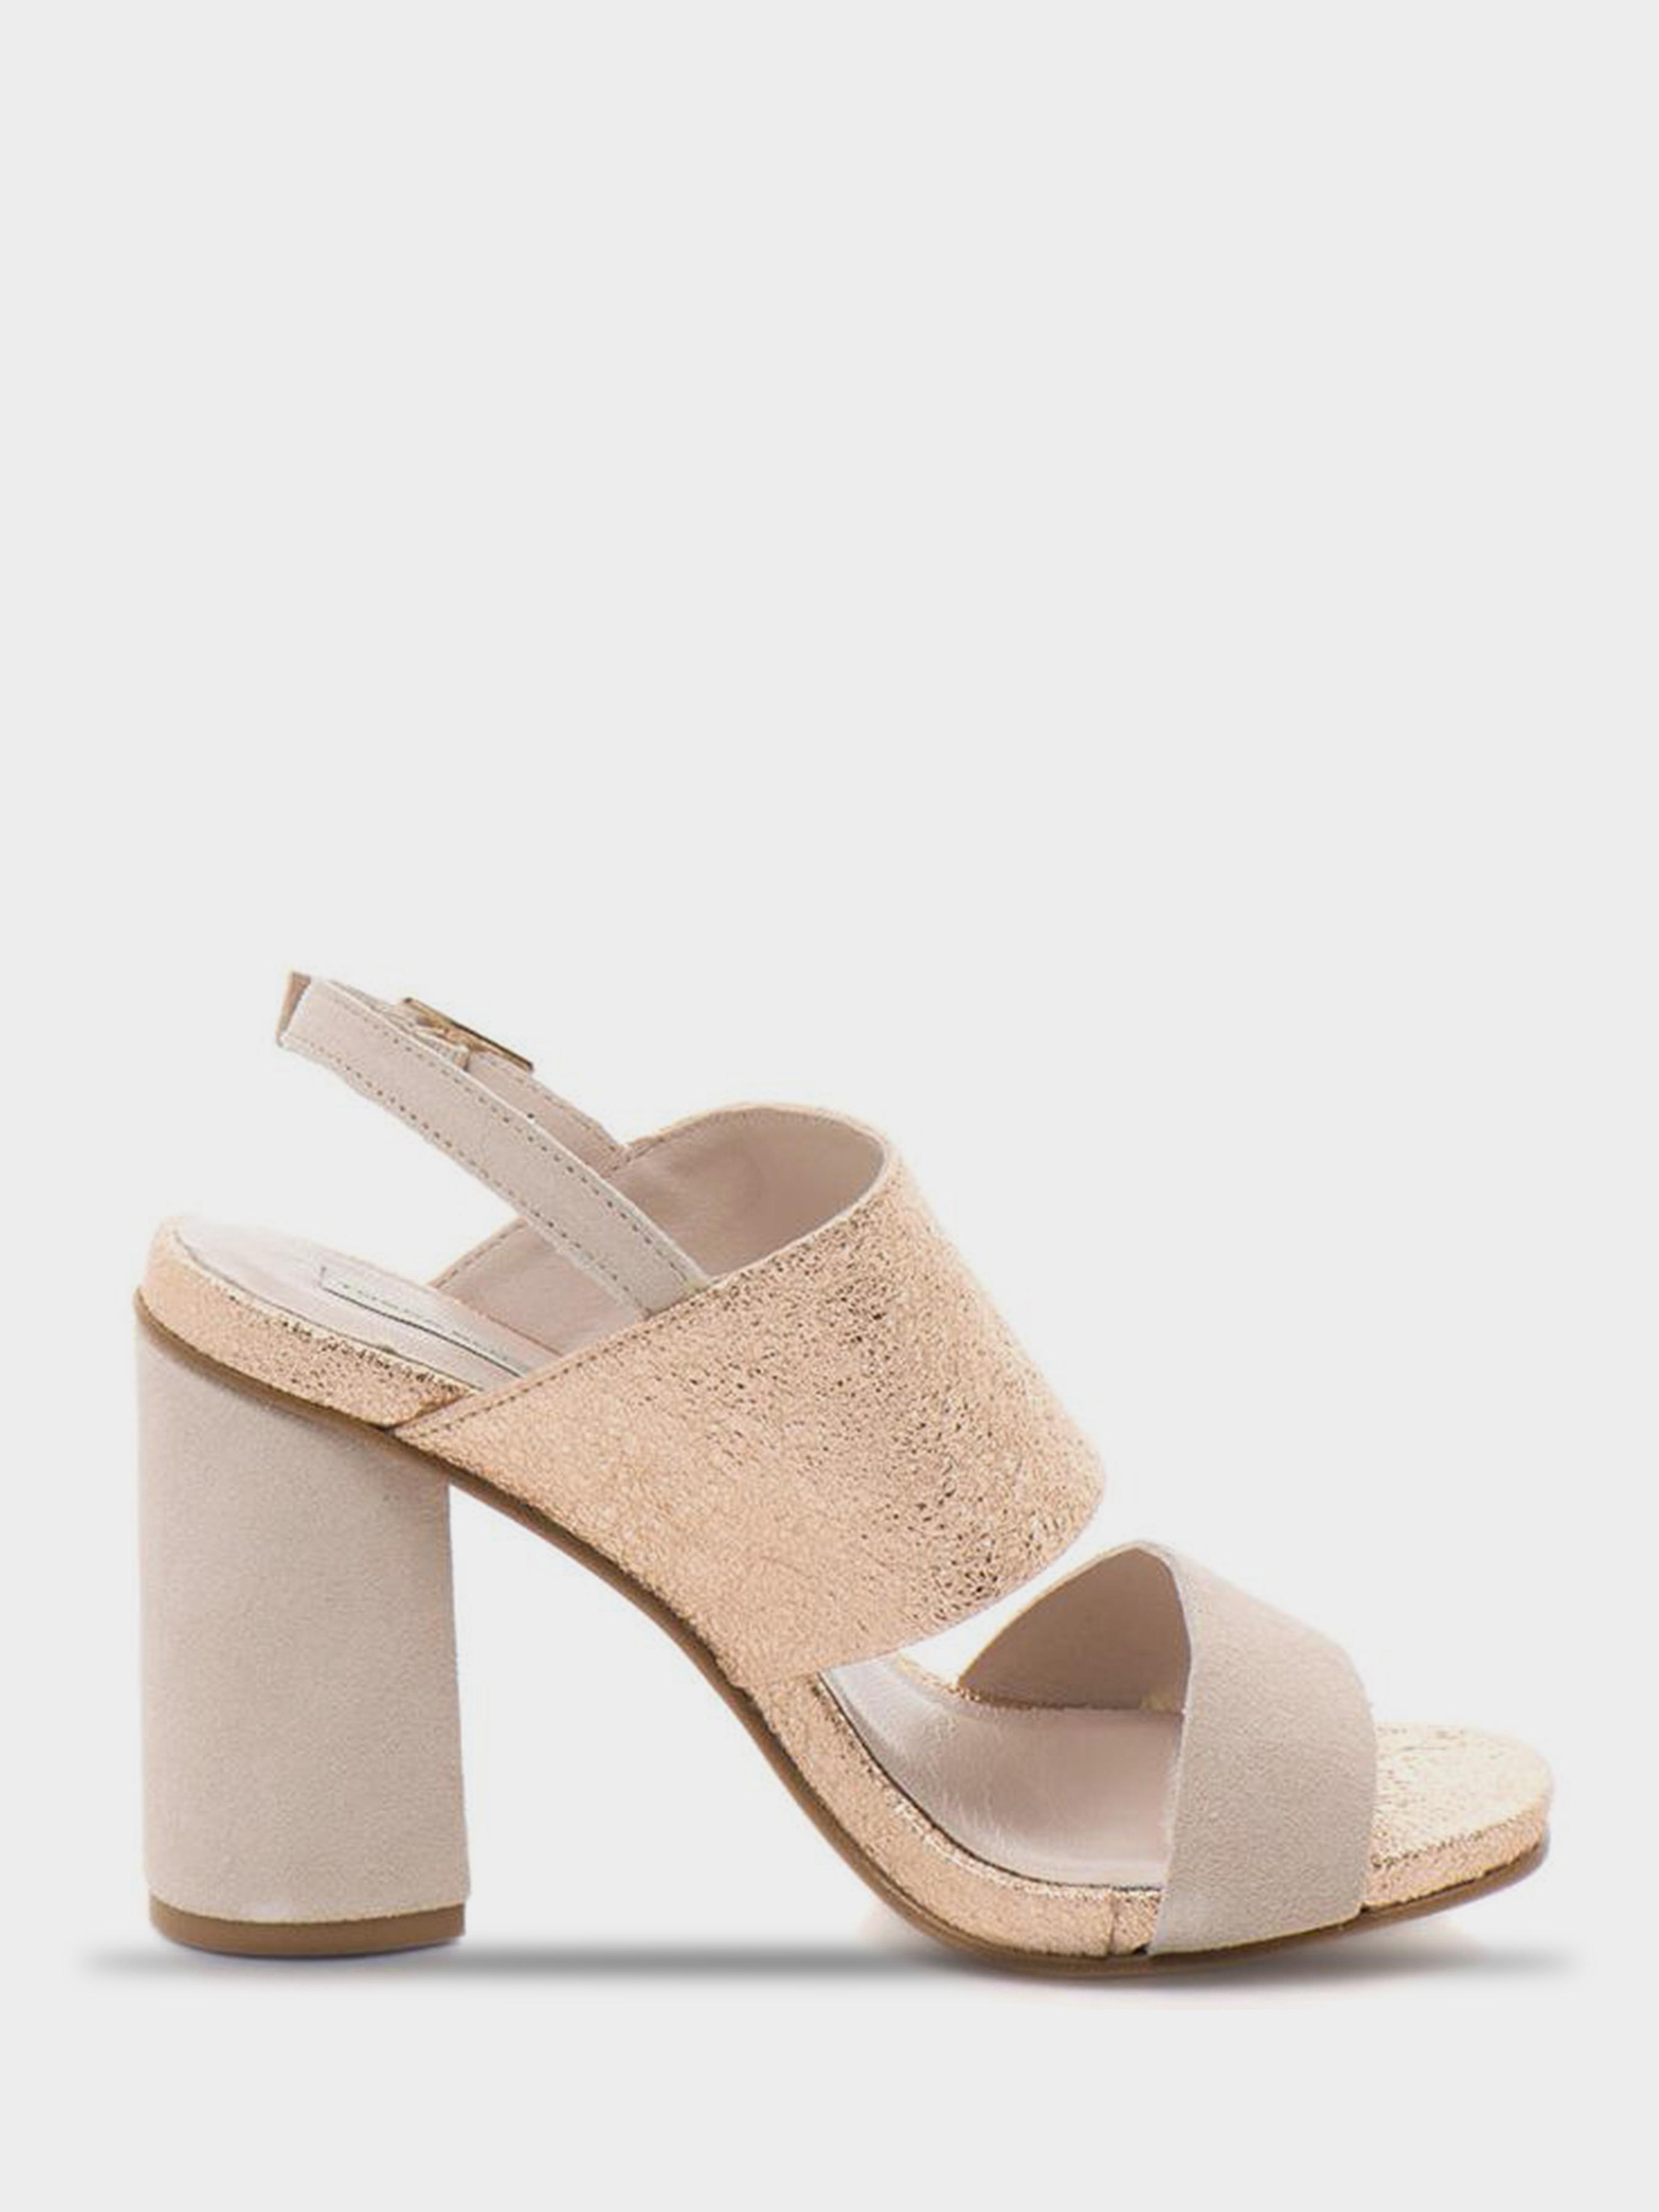 Босоножки для женщин Tosca Blu 4T20 размеры обуви, 2017